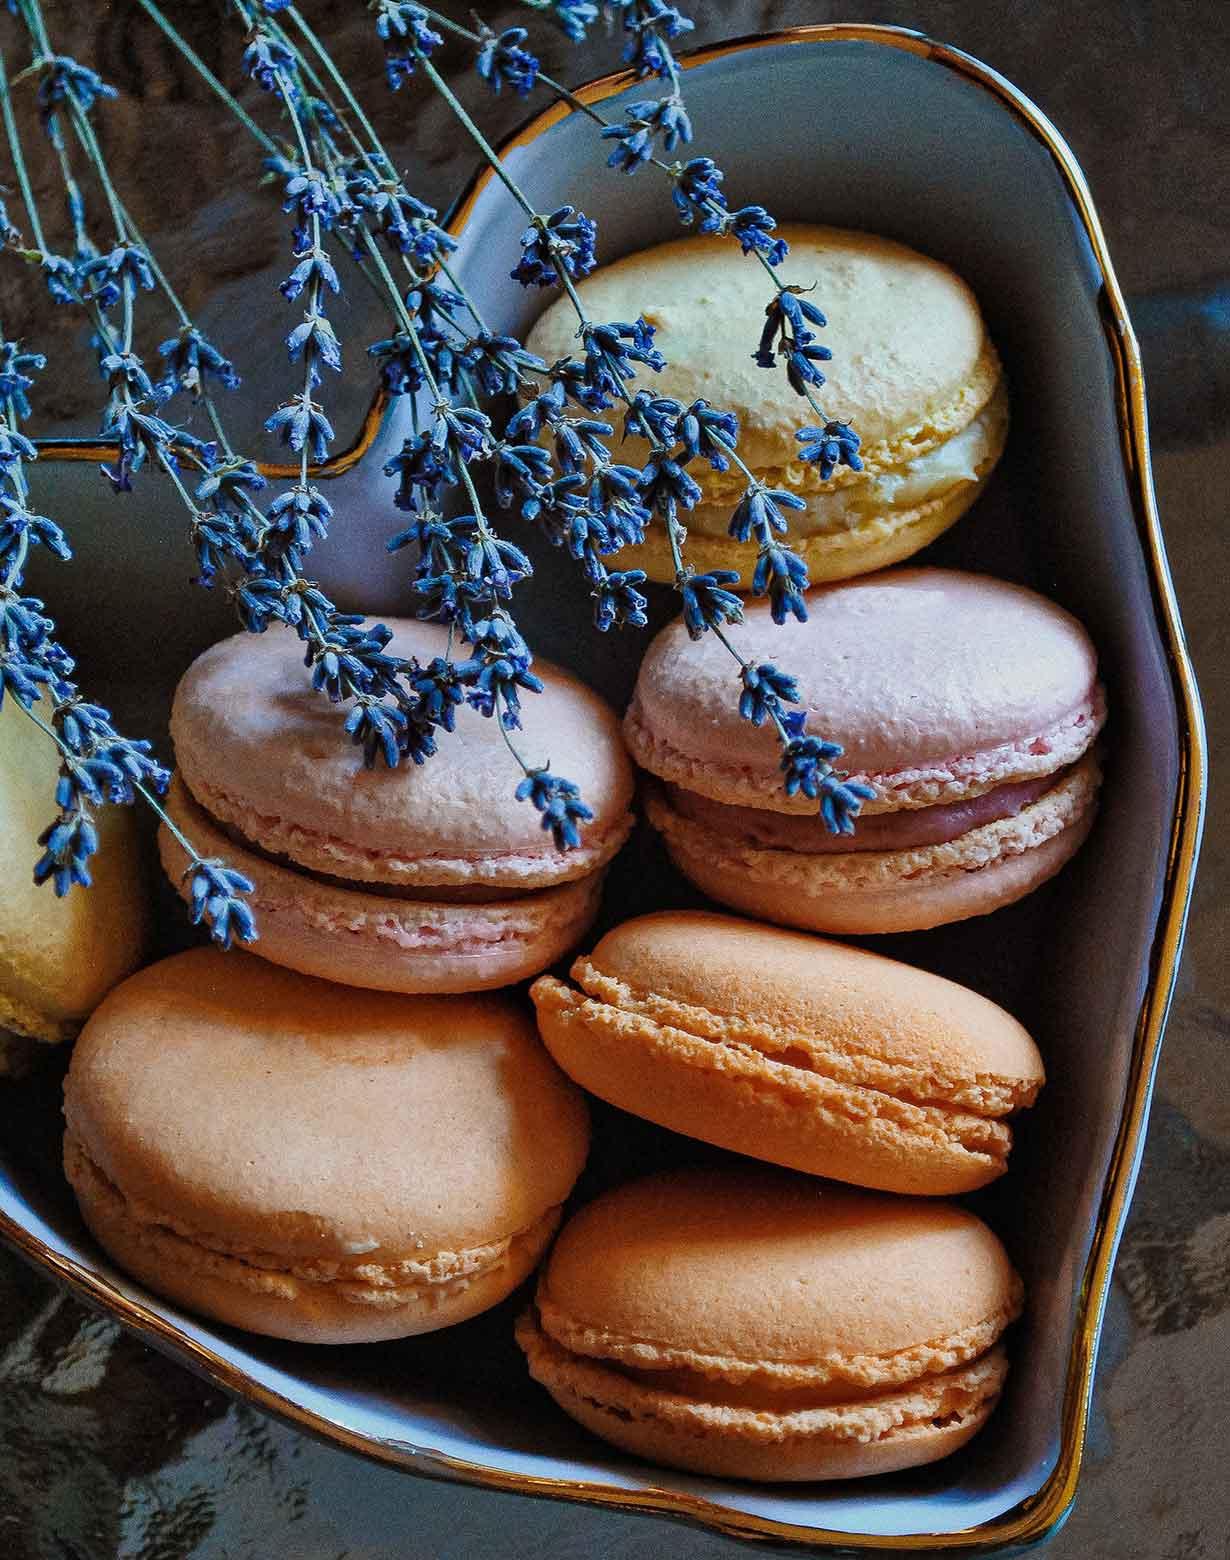 bakery-sample-4